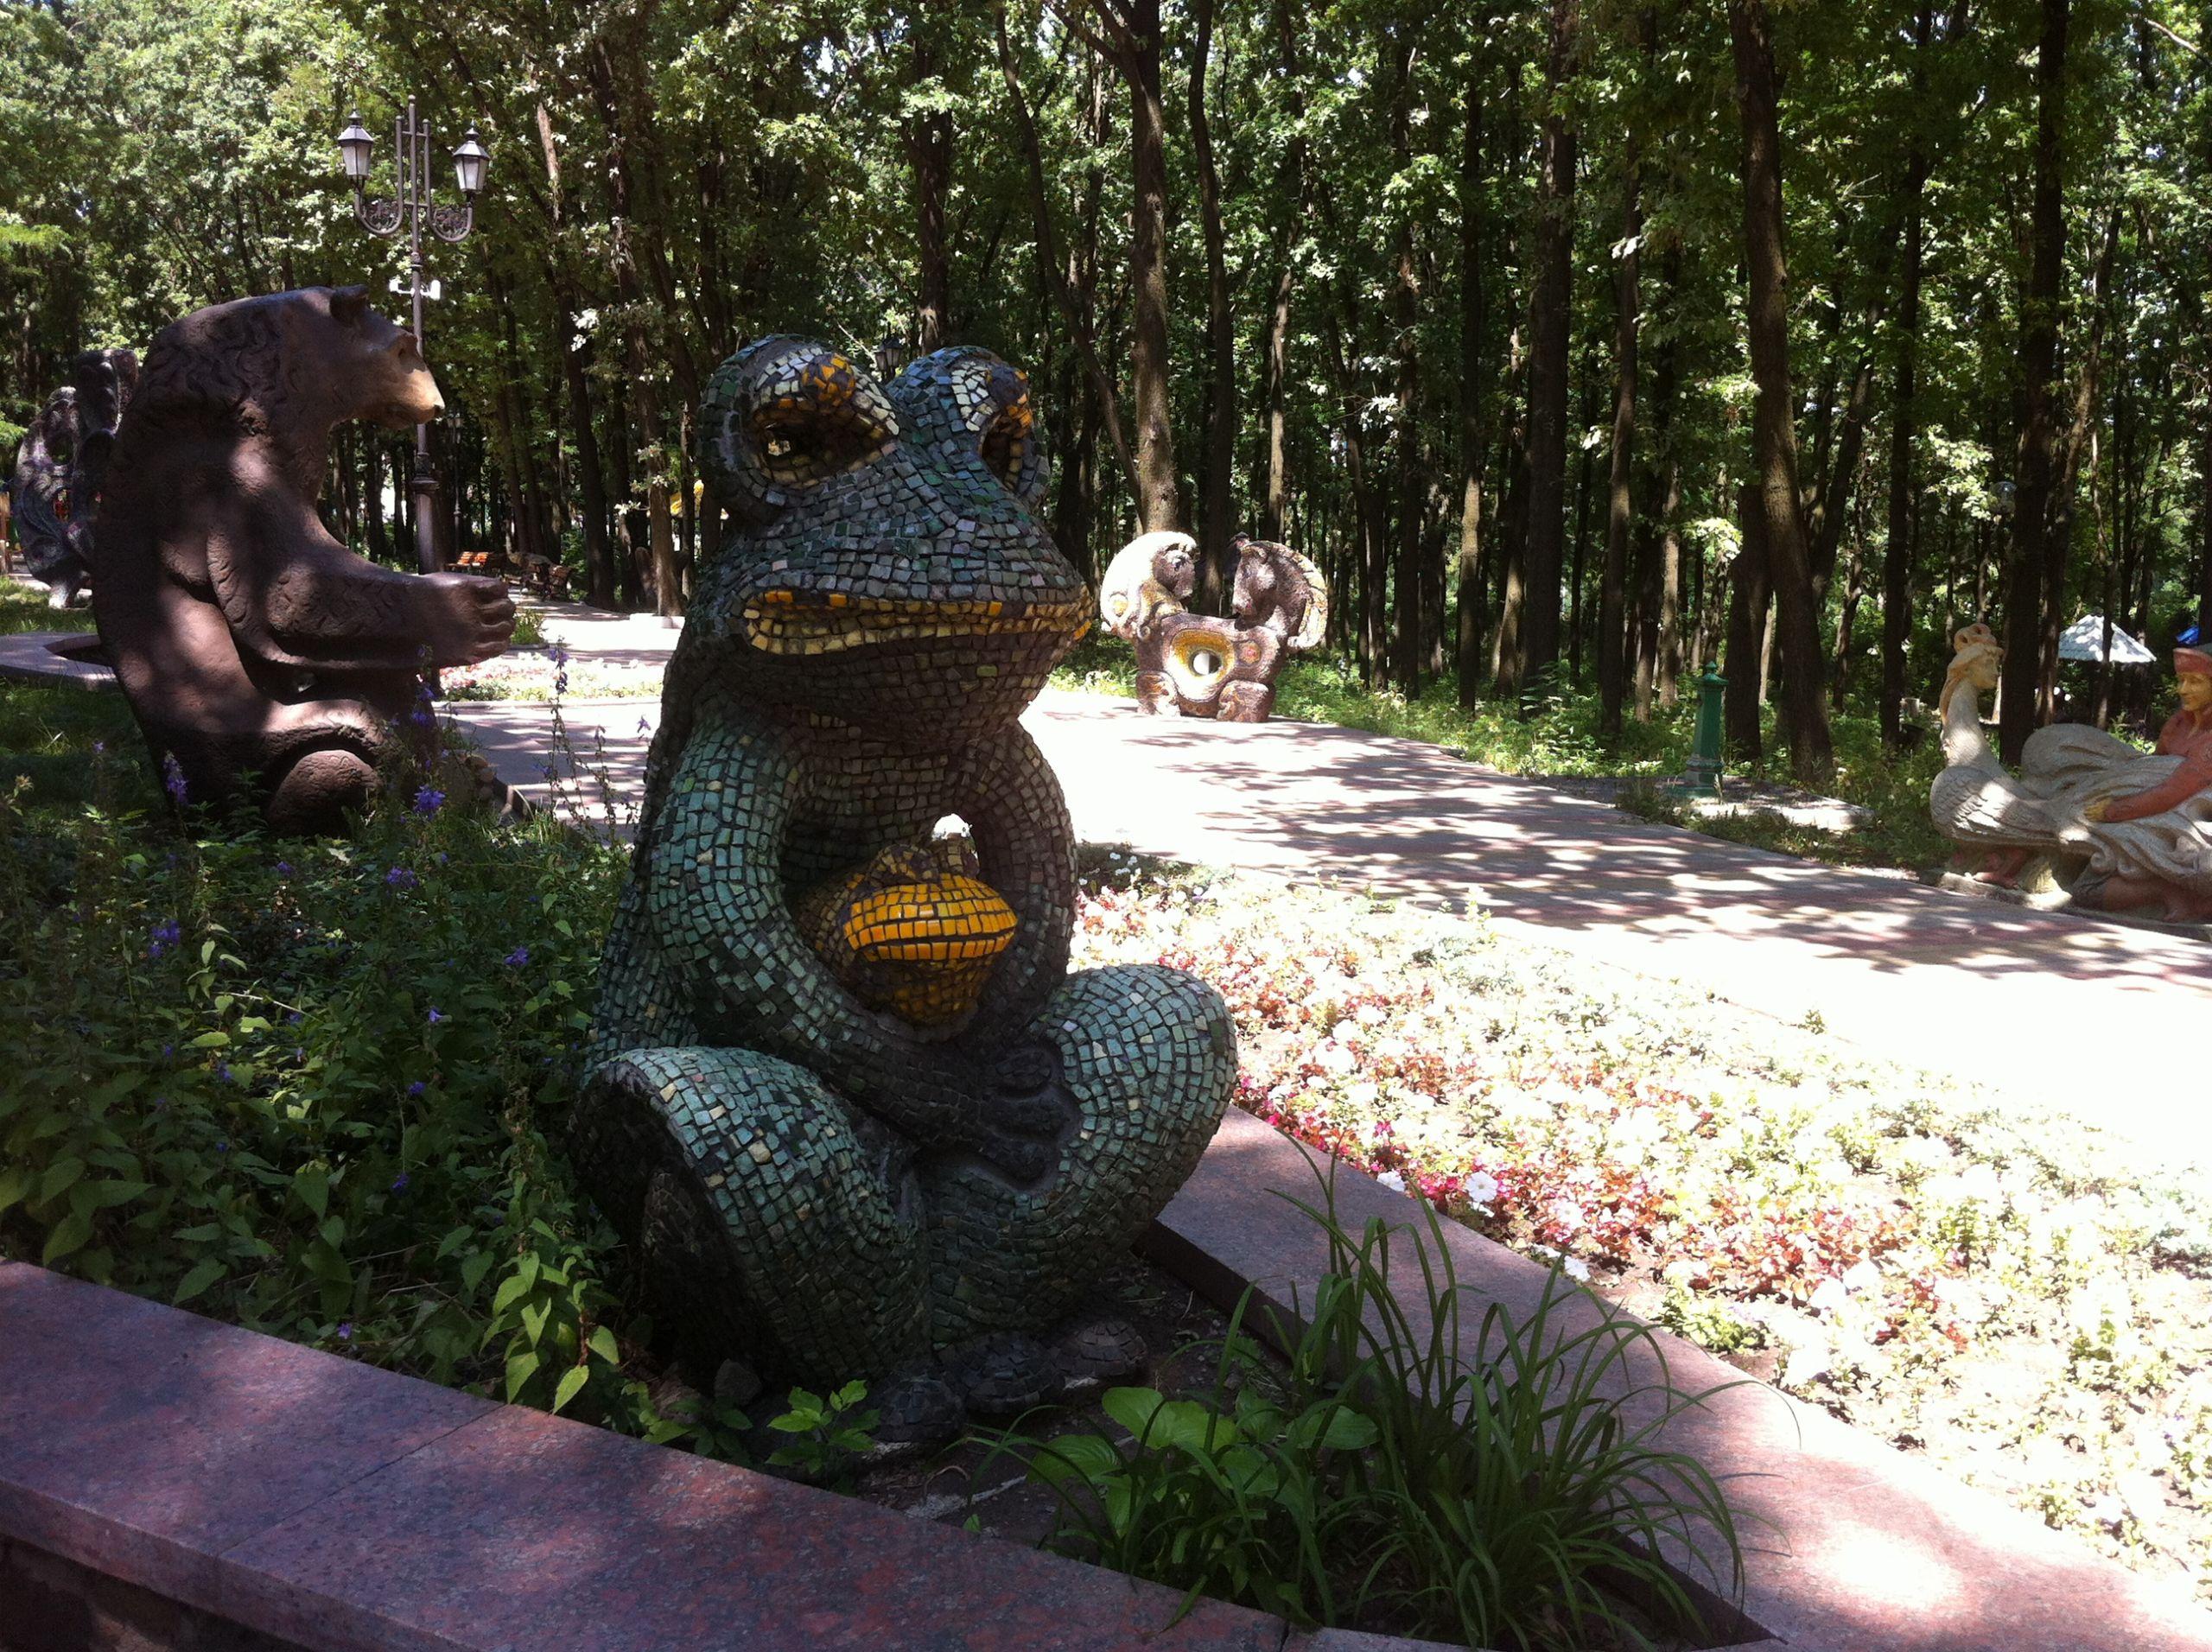 Garten Statue Inspirierend ФайРGlade Of Fairy Tales Of Donetsk 08 — Википедия